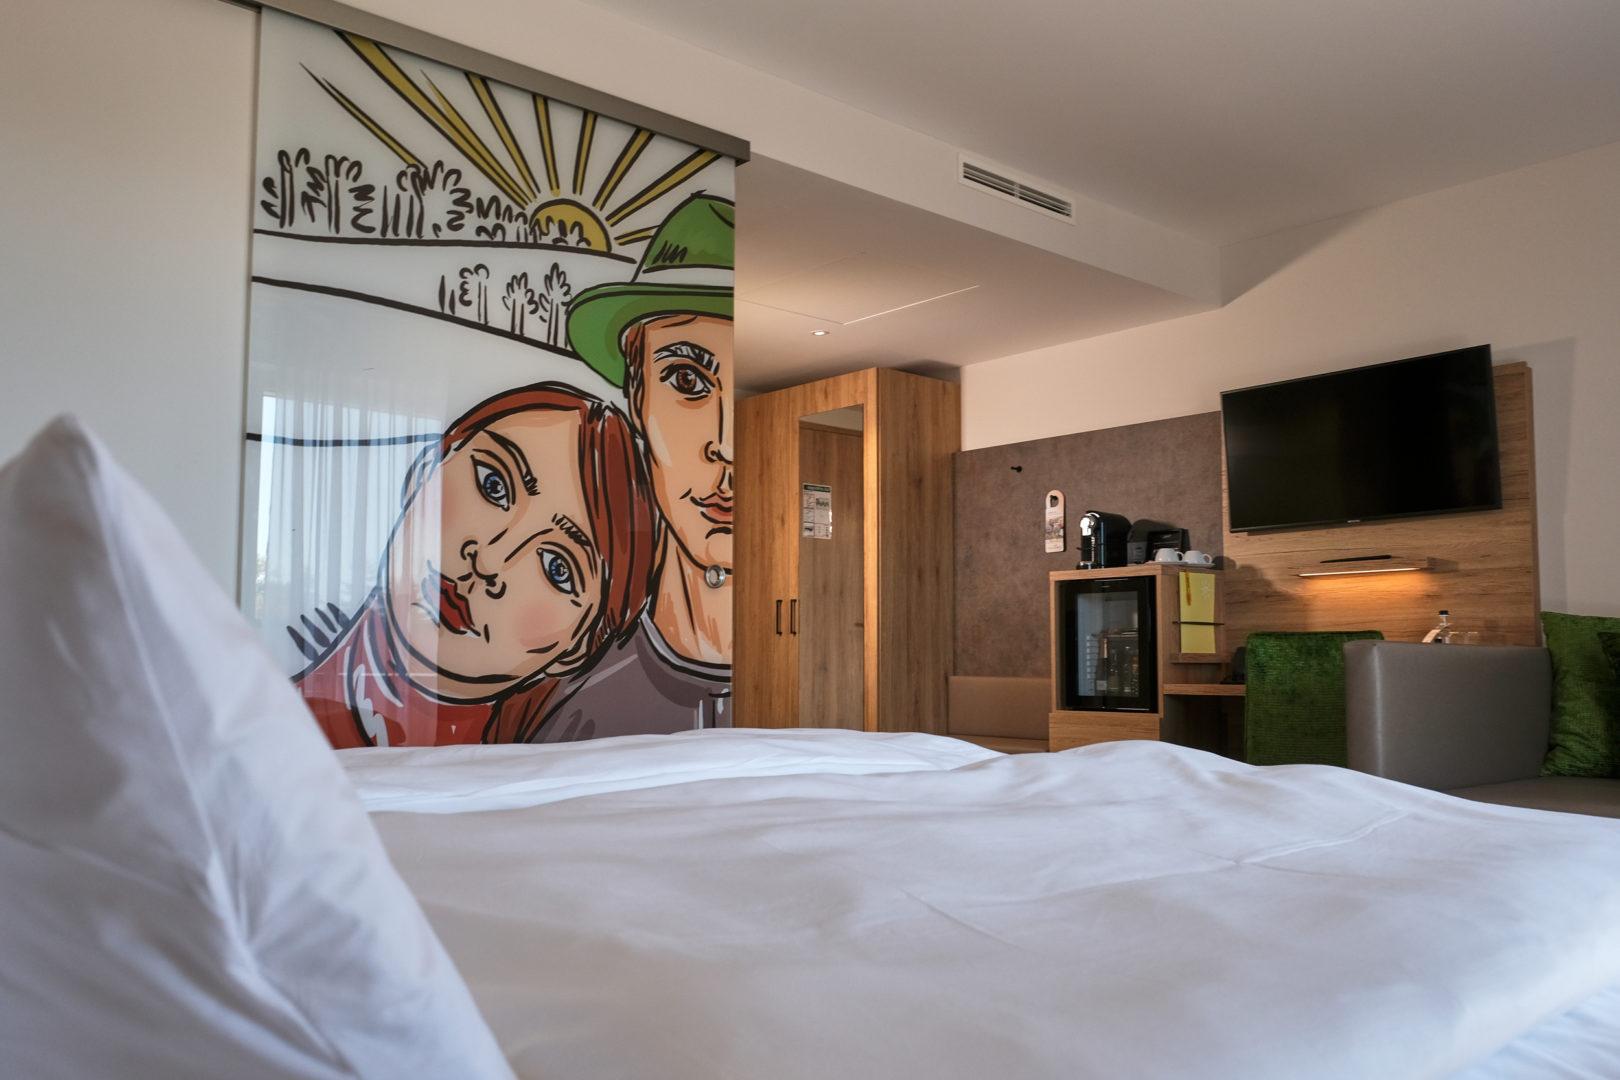 Moderne Zimmer mit zeitgenössischer Kunst